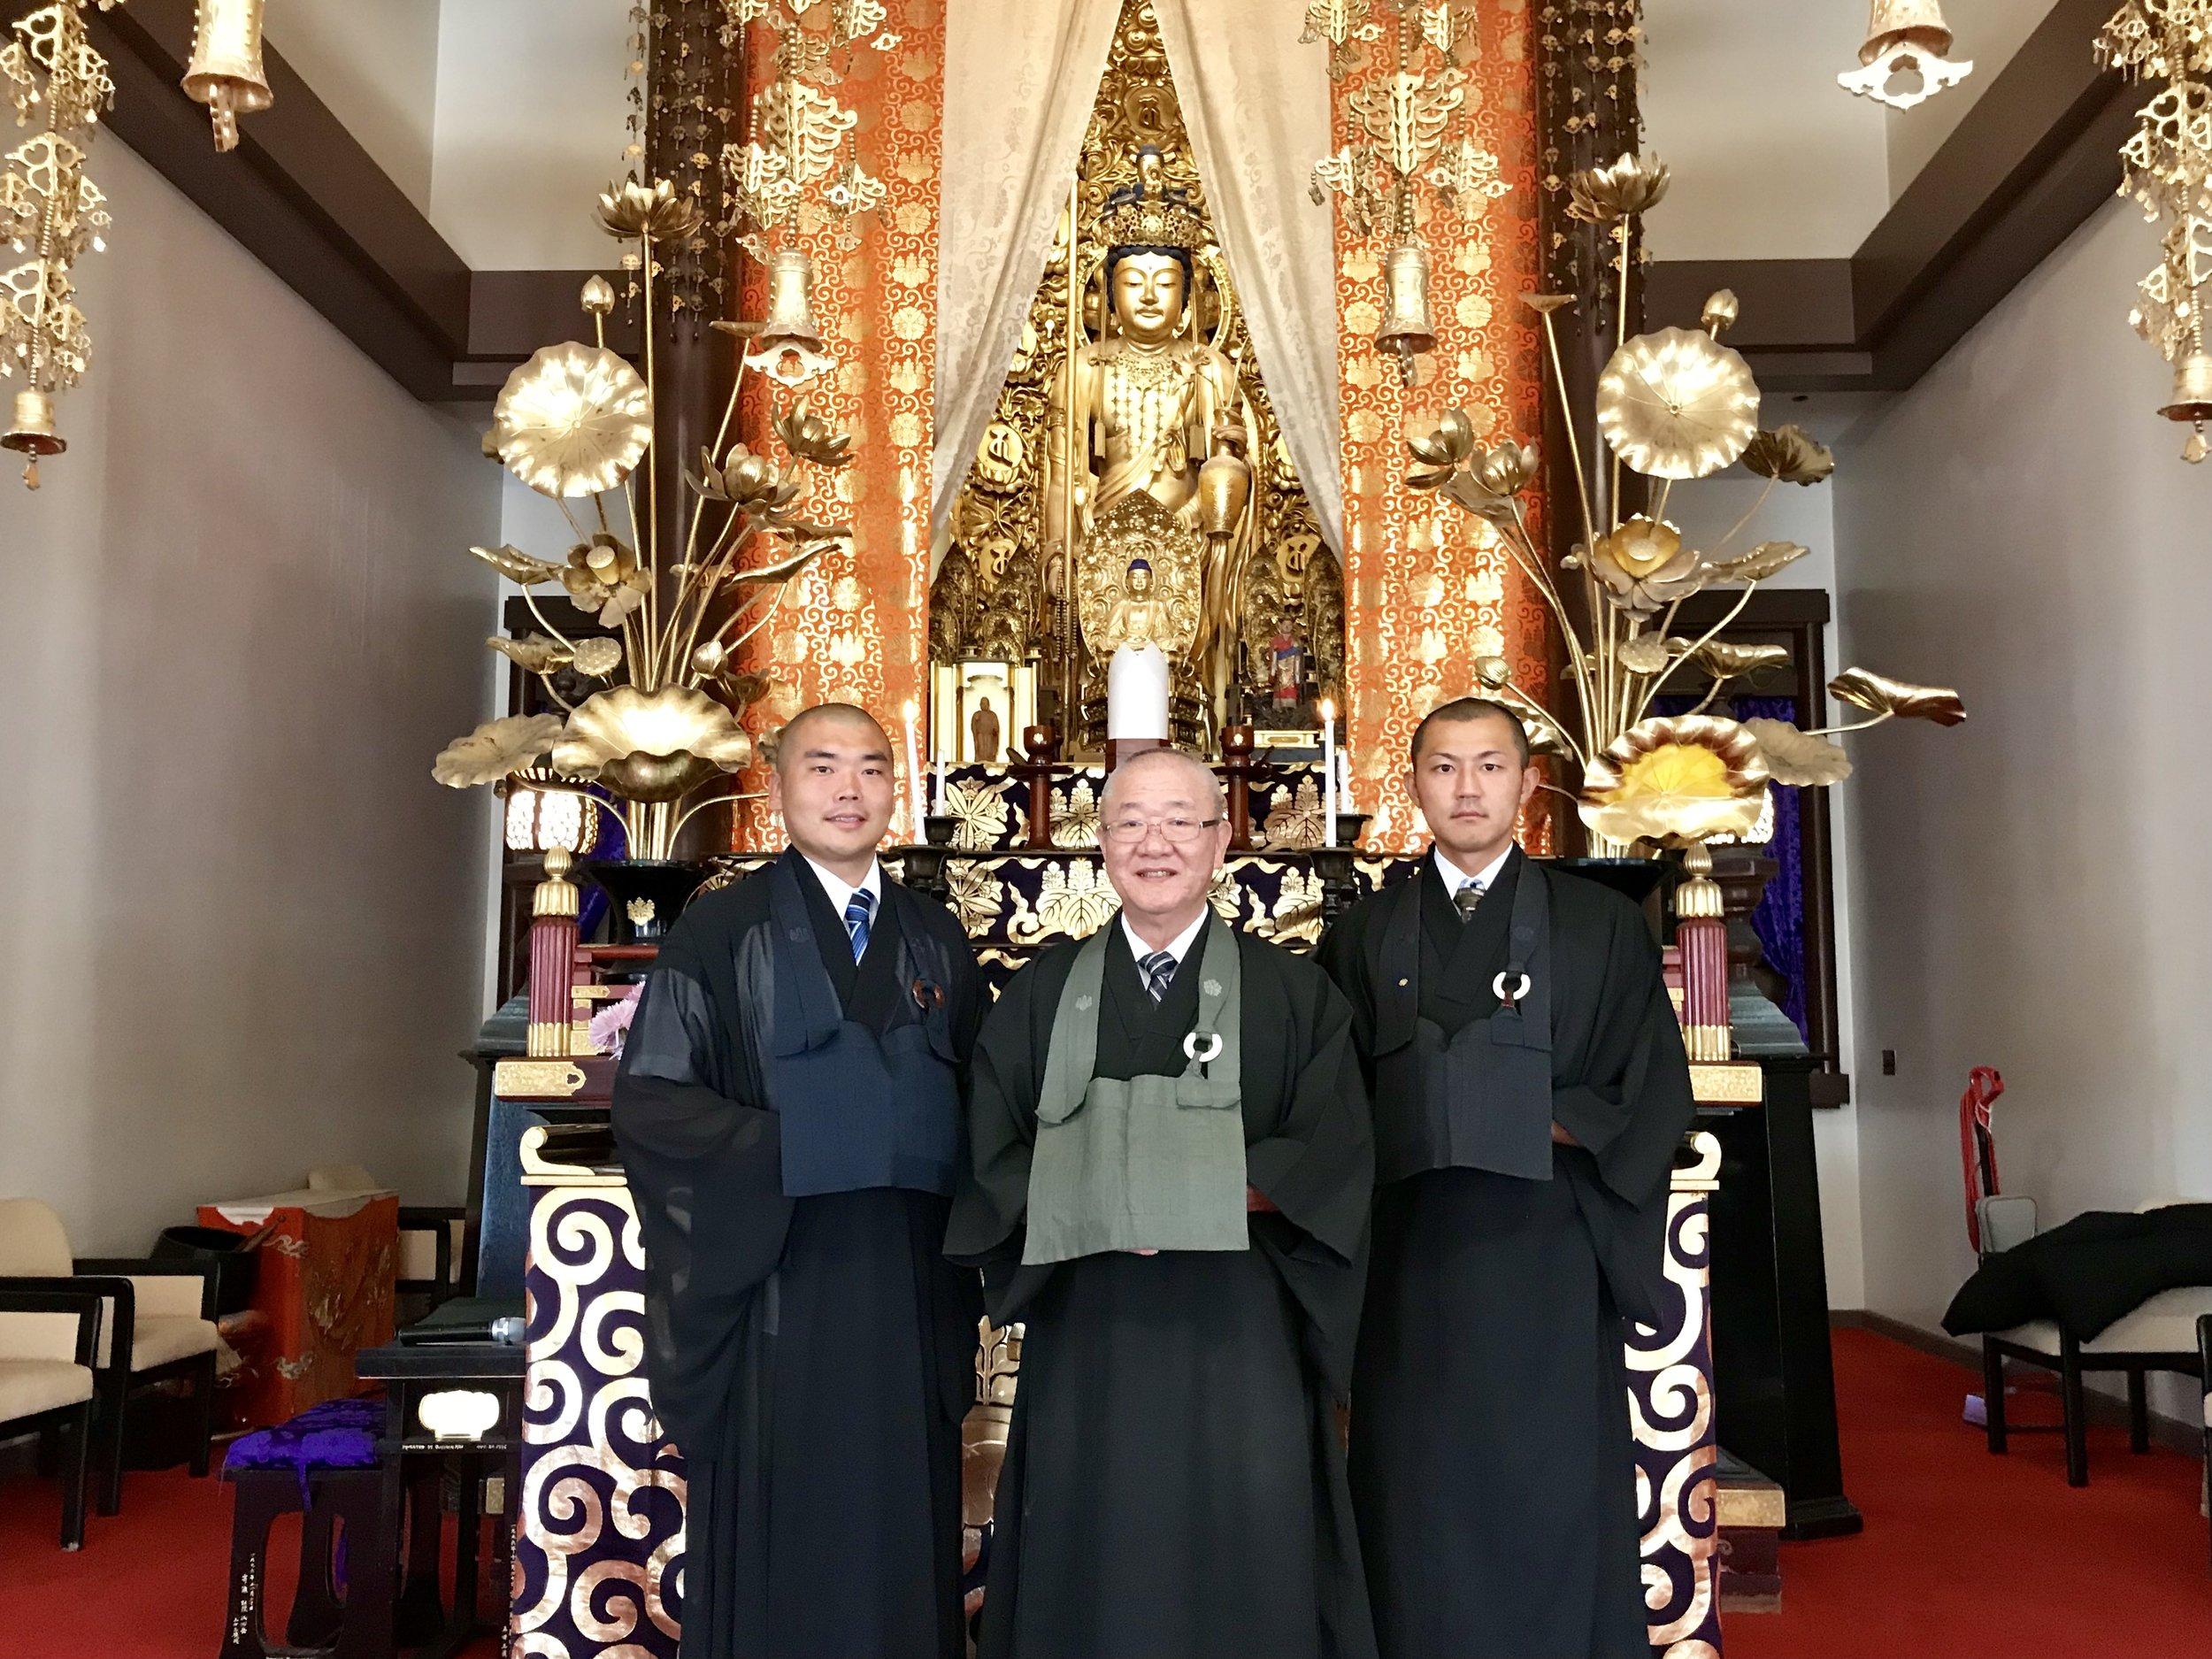 From Left to Right  Rev. Hirosato Yoshida, Bishop Shugen Komagata, Rev. Masataka Hoshino